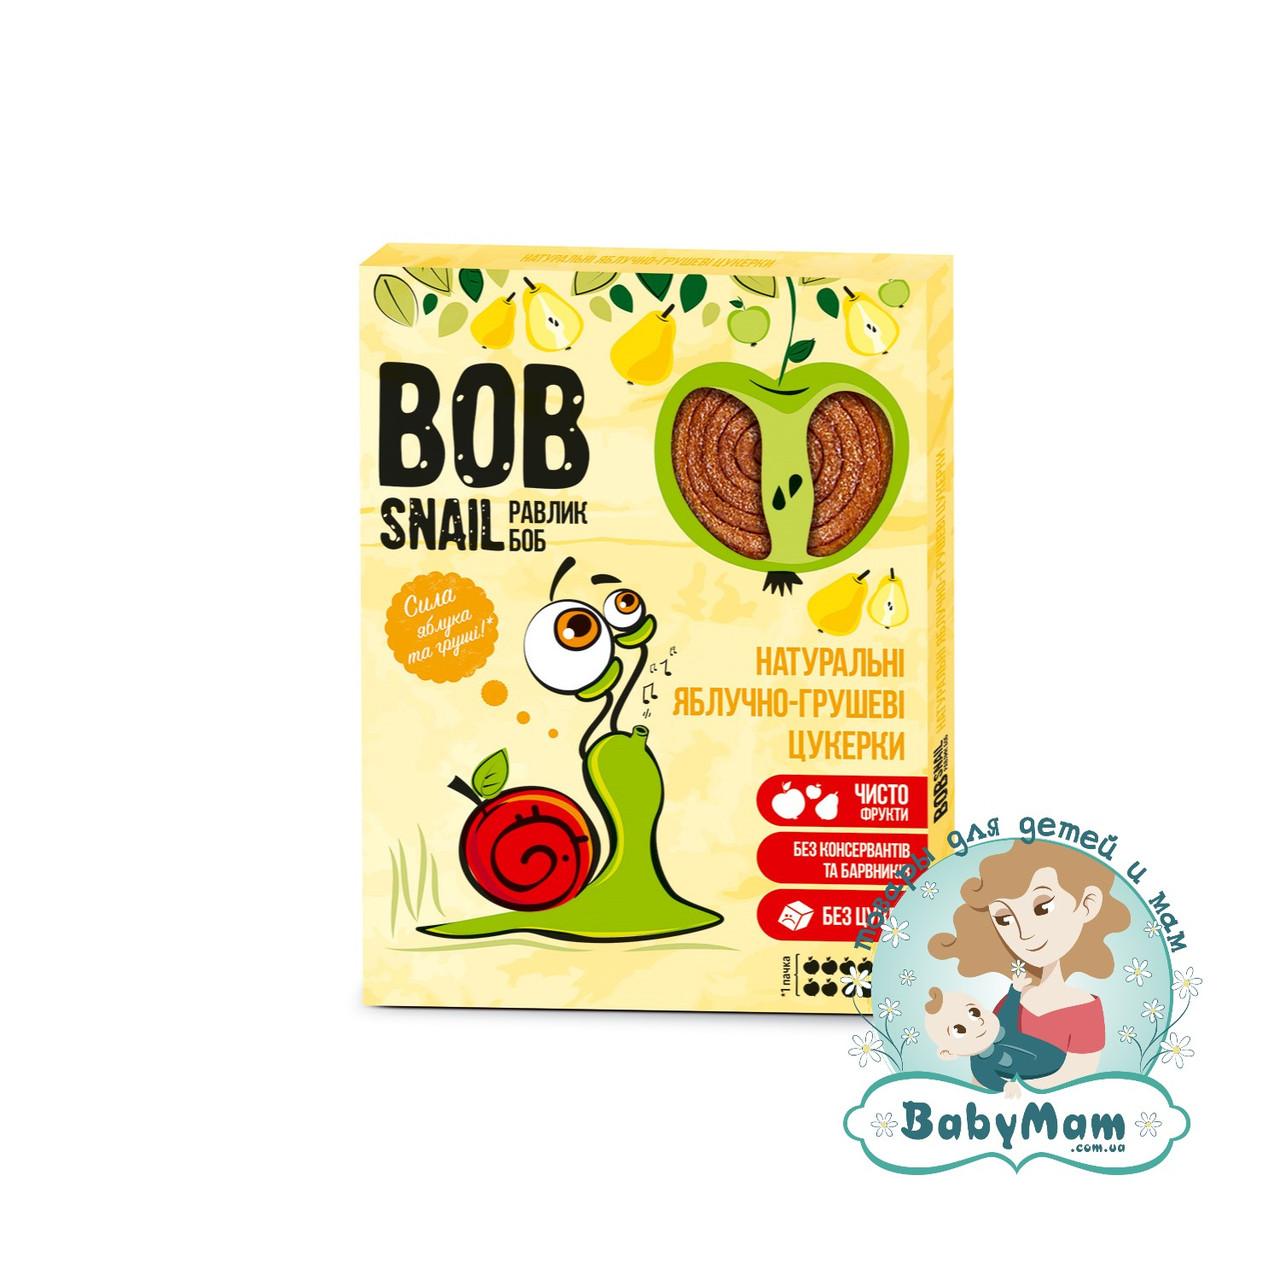 Конфеты натуральные Bob Snail (Равлик Боб) Яблочно-Грушевые, 120гр